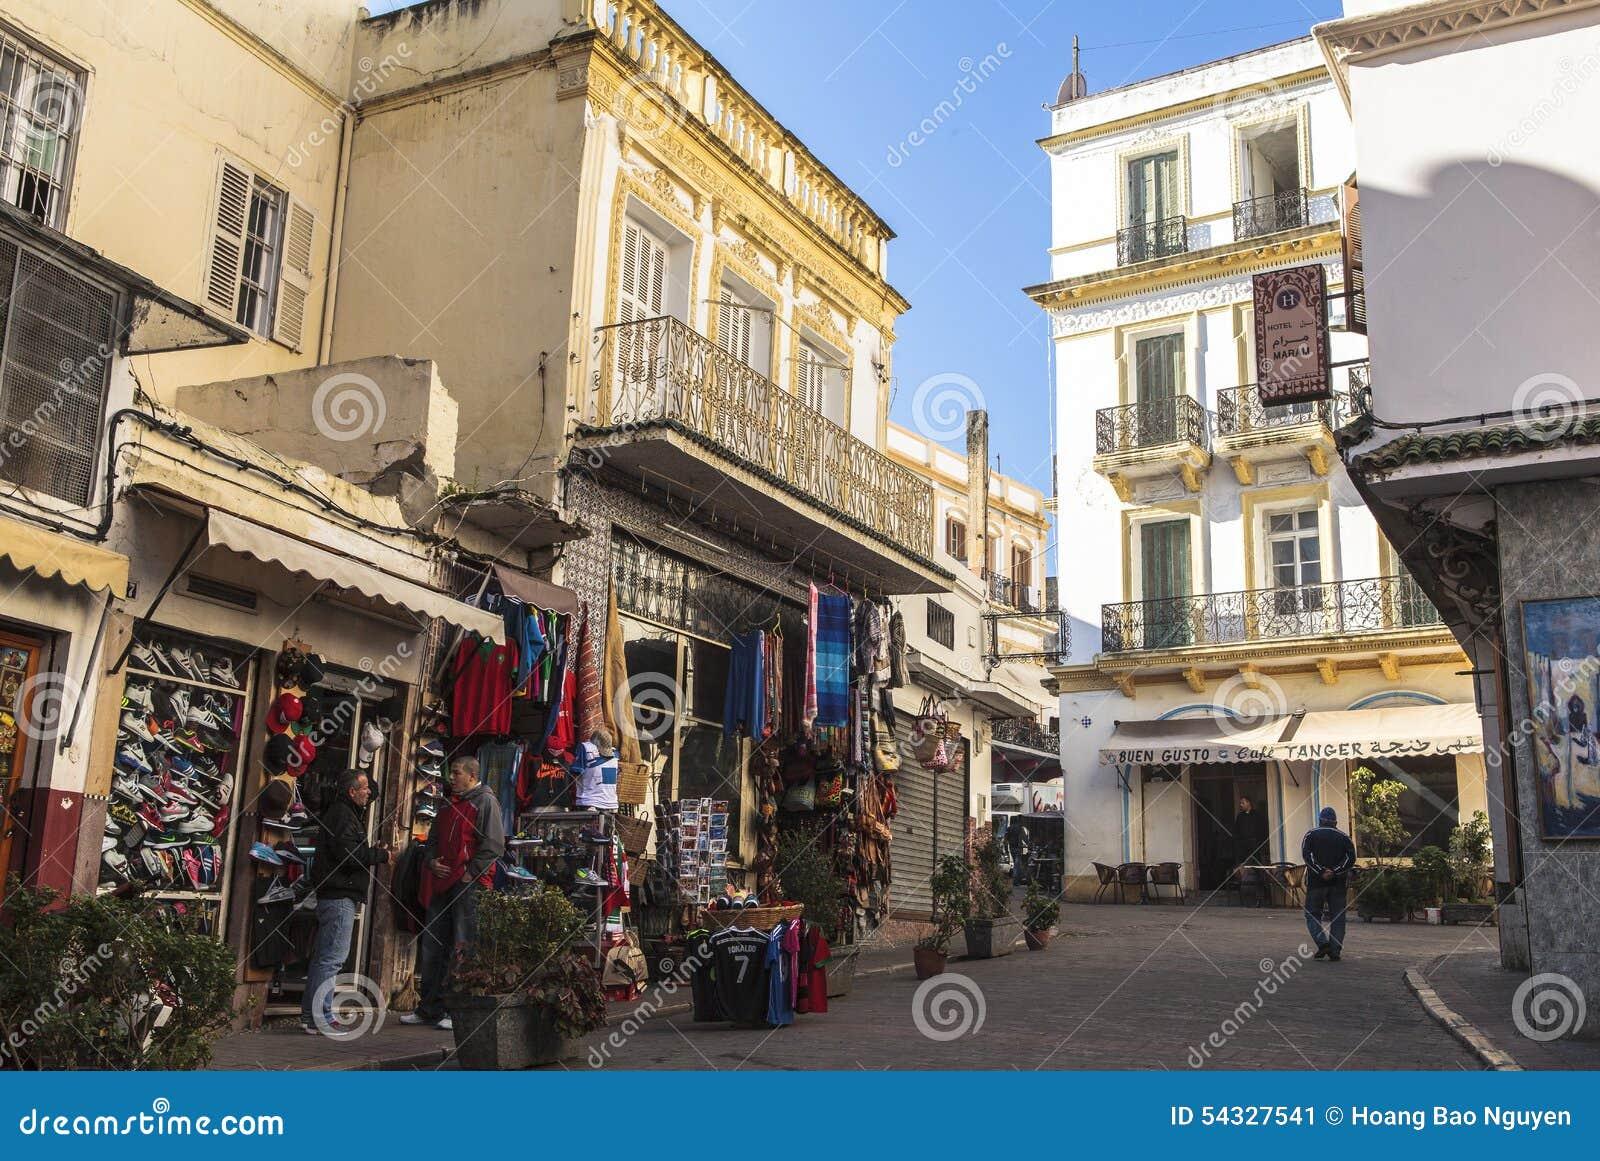 Marokko: Die Frau ist kein selbststndiges Wesen